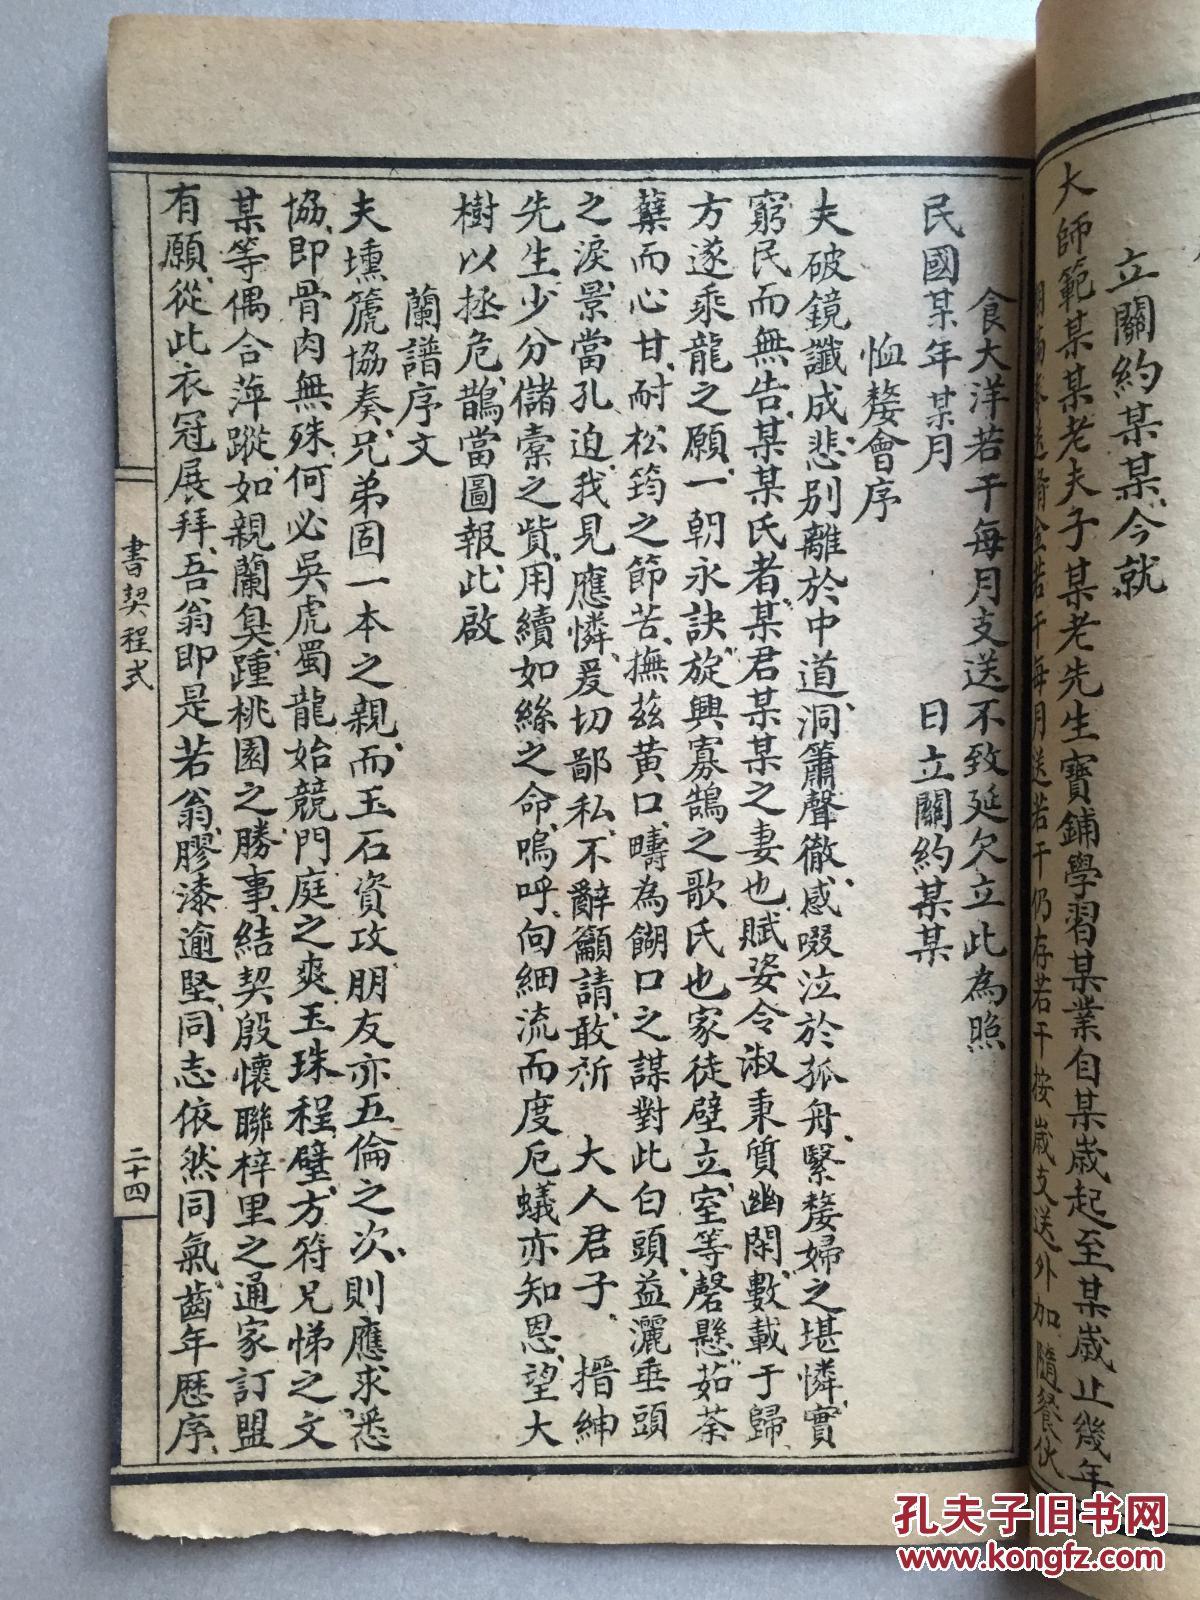 民国罕见本 书契程式 陈丙奎题签 内有对神仙 还愿通用疏,还陈愿疏求图片